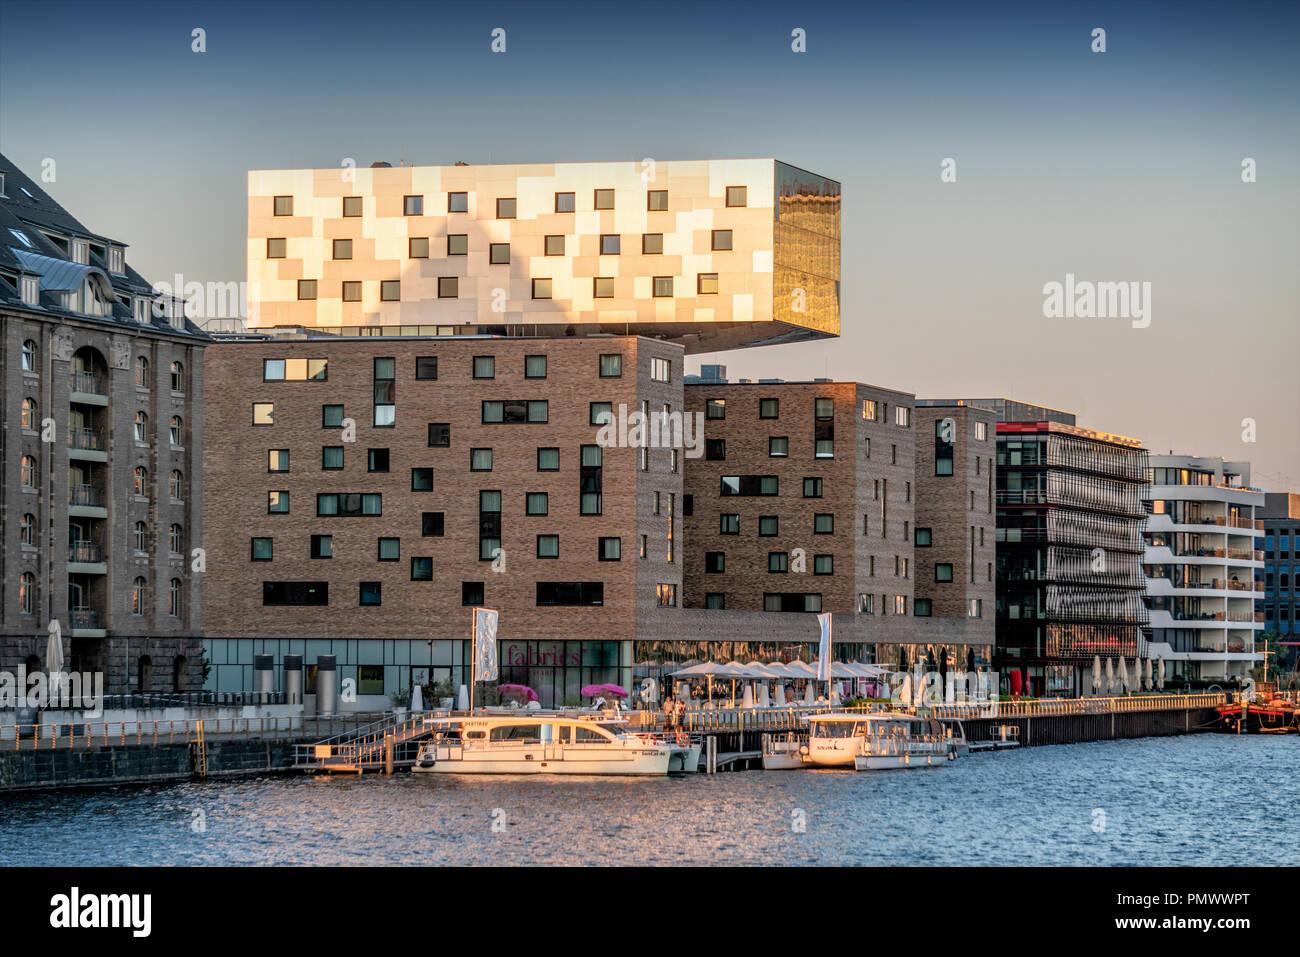 F NH Hotel à Friedrichshain, Spree, Berlin Friedrichshain Banque D'Images